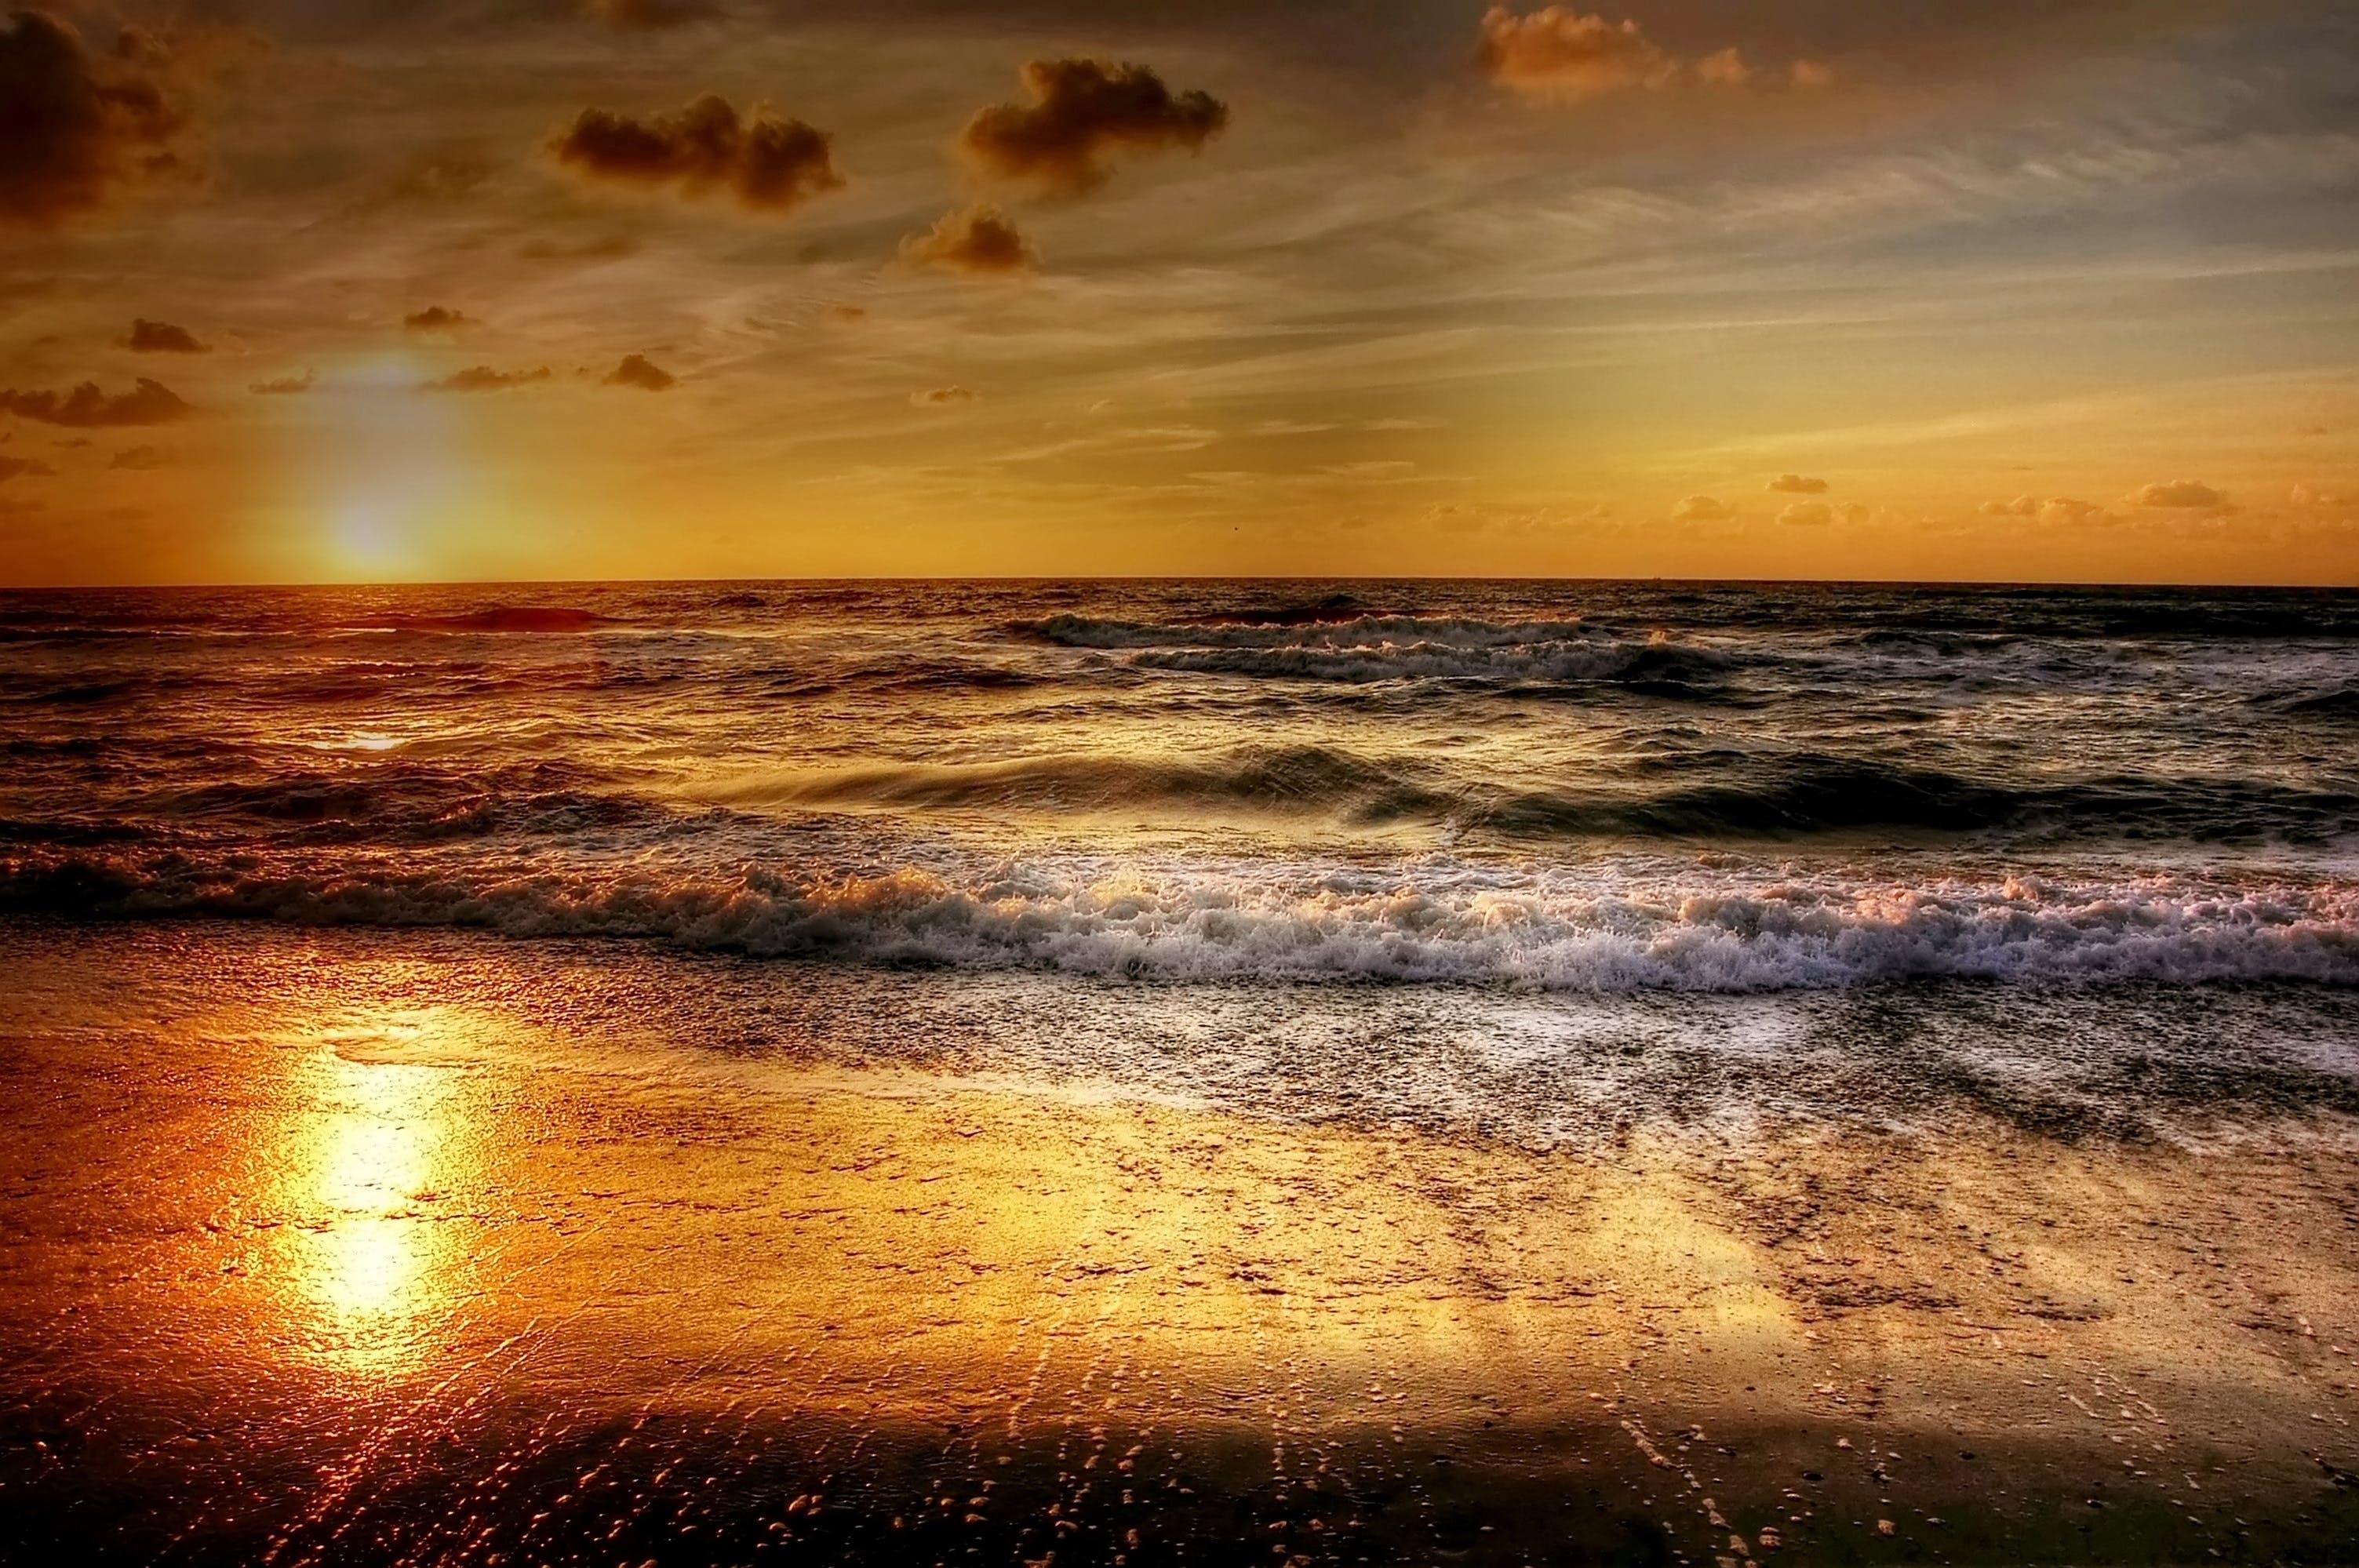 afterglow, atmosphere, atmospheric